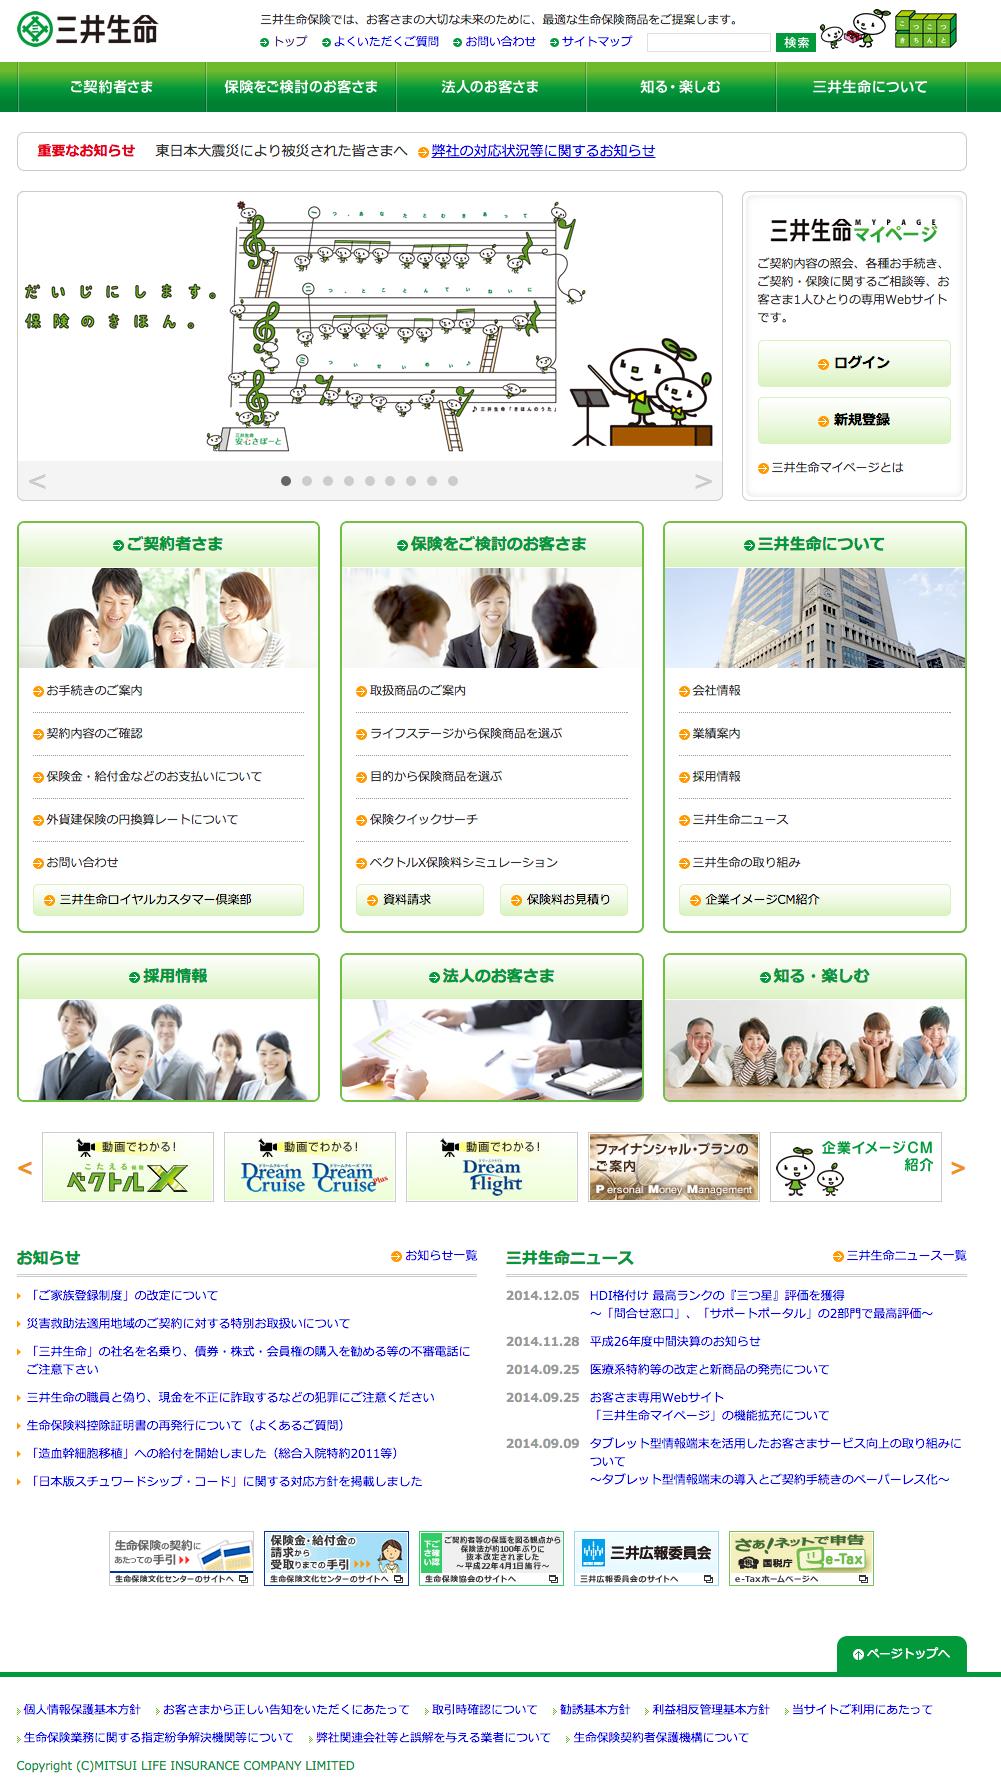 三井生命保険株式会社 Via Http Www Mitsui Seimei Co Jp